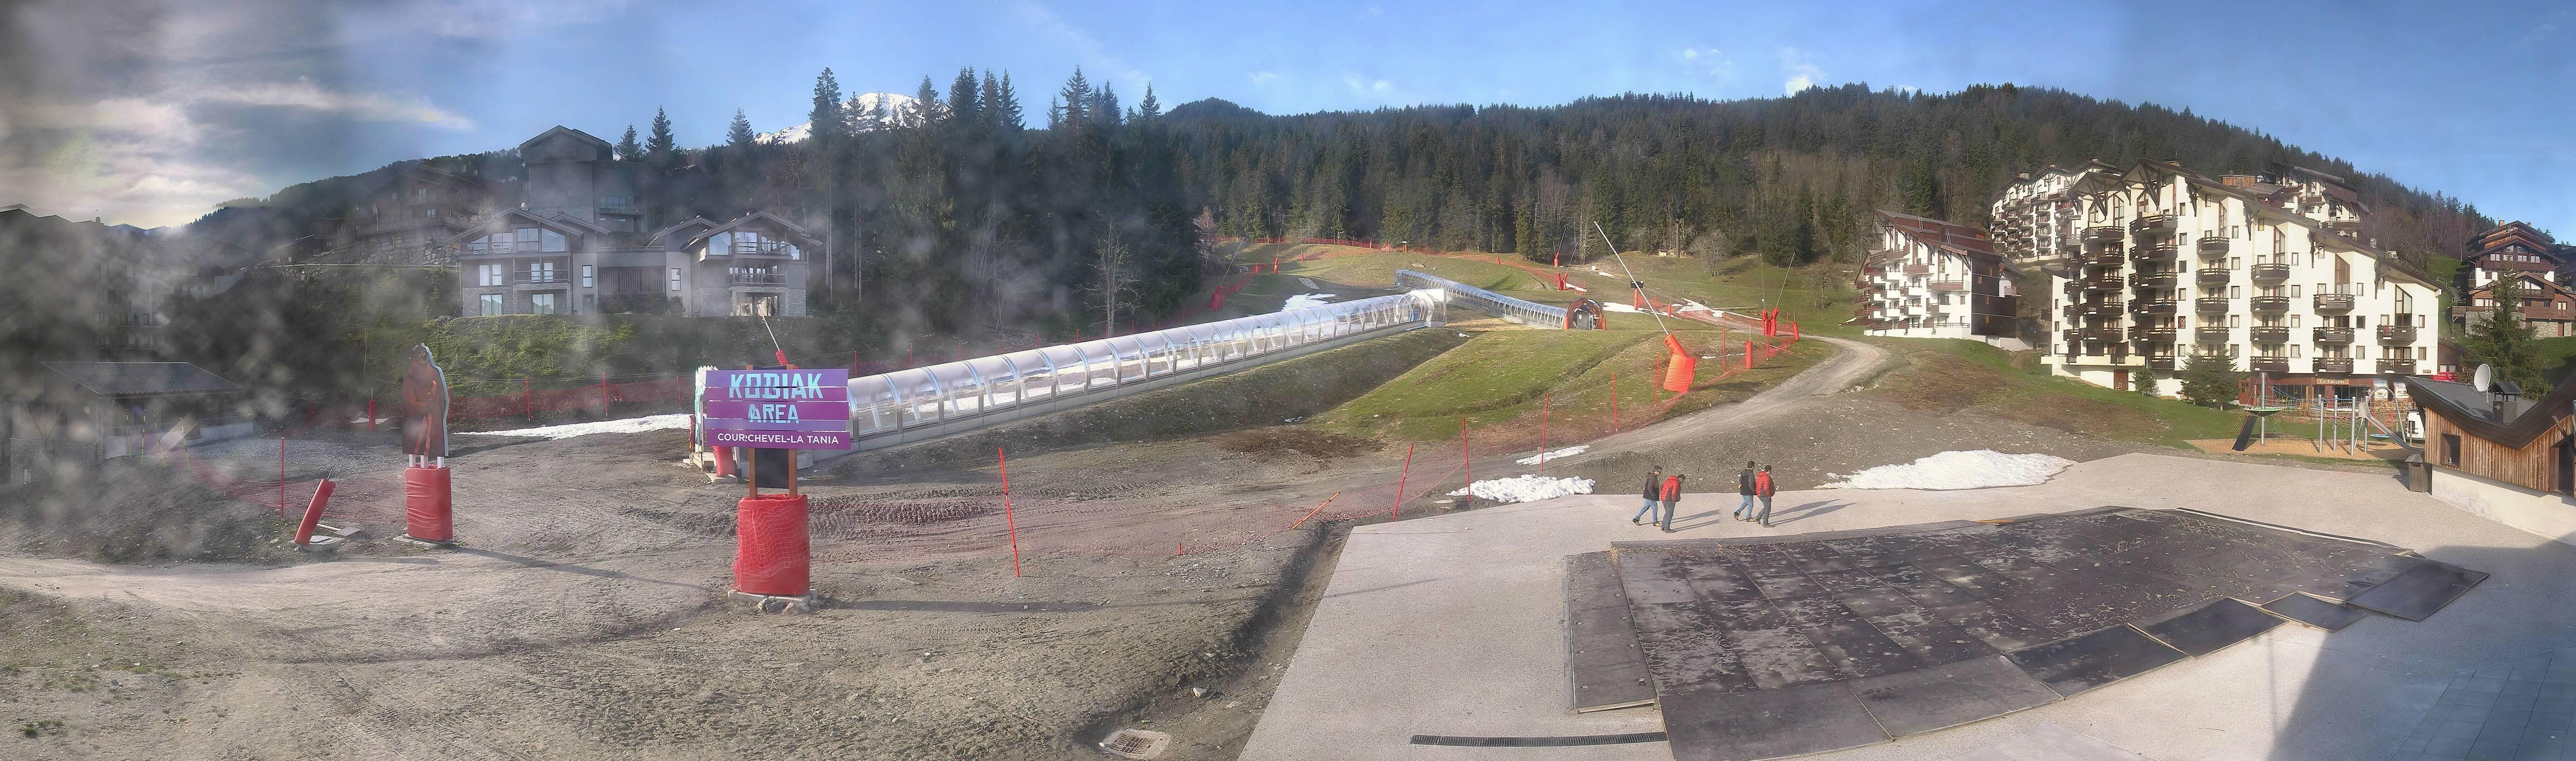 Les 3 Vallées, Domaine Skiable Des Alpes   Stations De Ski En Savoie